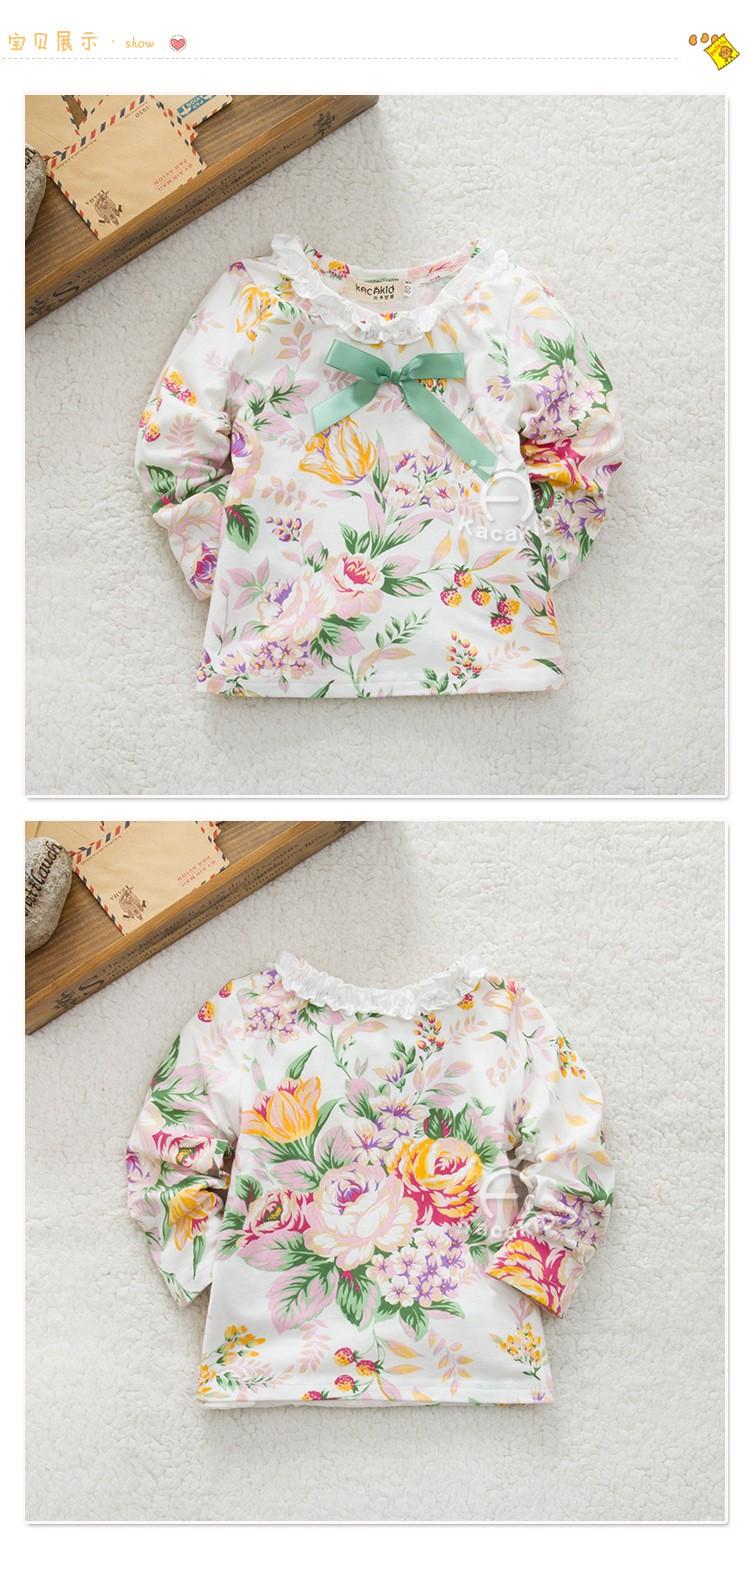 Lace bow Girl Blouses & Shirts Baby clothes Girls Princess coat Cotton Infantil roupas de bebe flower print toddler kids clothes